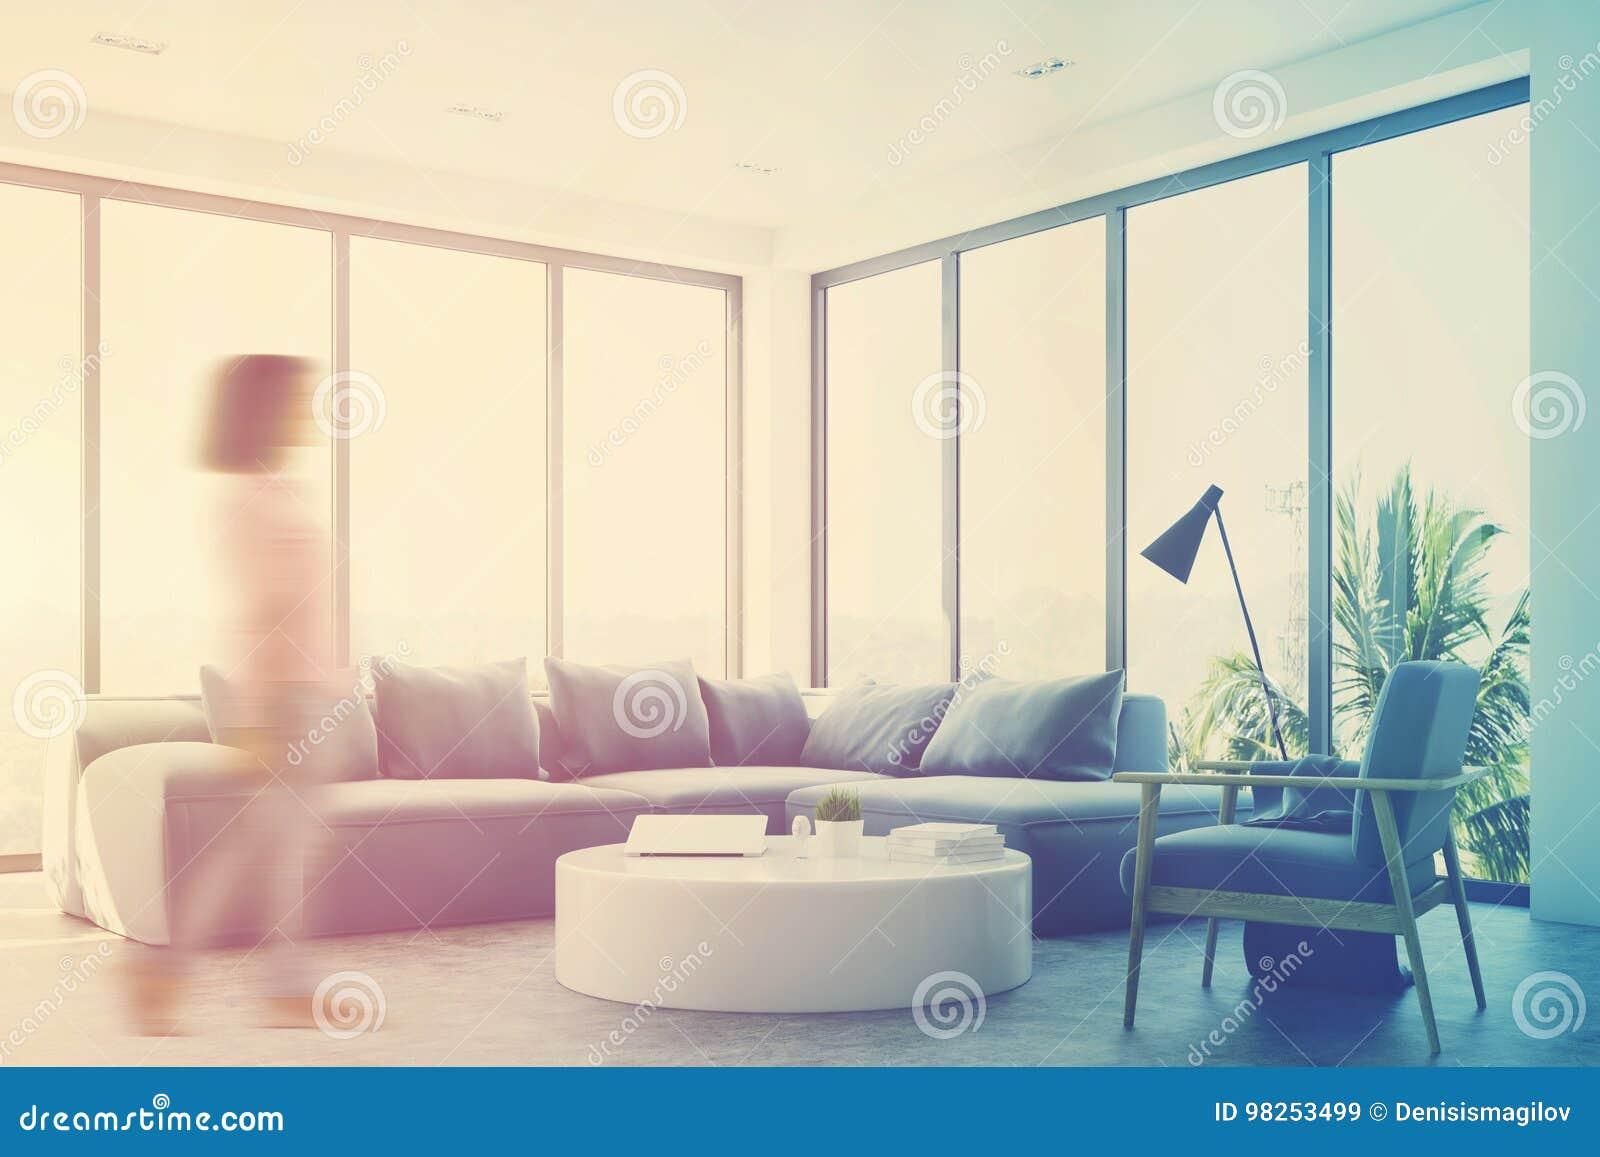 Blauwe Design Bank.Witte Woonkamer Met Een Blauwe Bank Hoek Meisje Stock Afbeelding